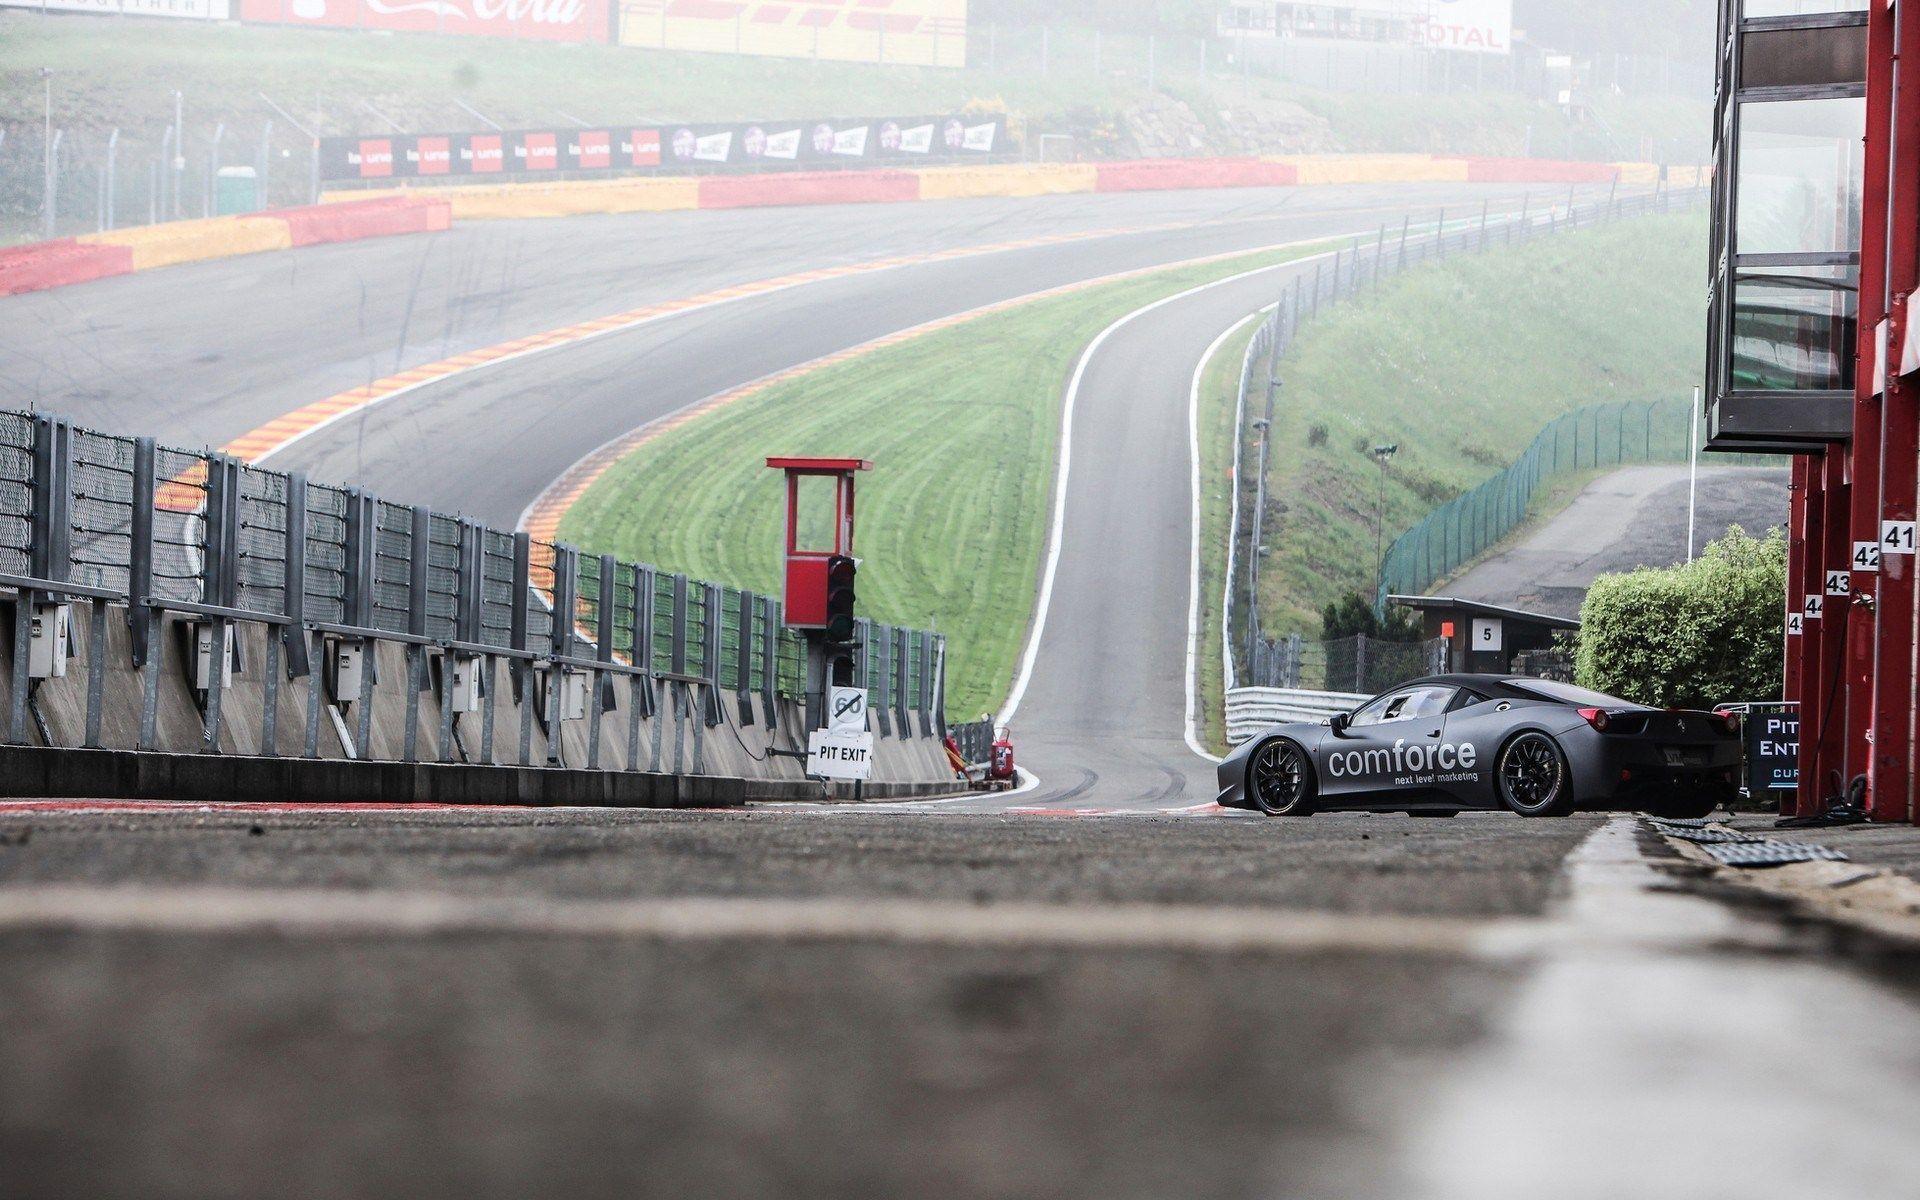 f1 track wallpaper - photo #24